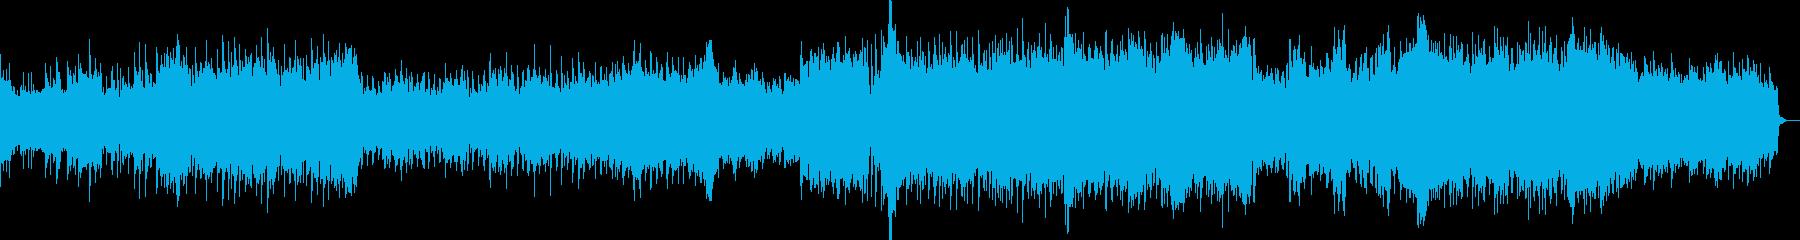 シティプロモーション系BGMの再生済みの波形